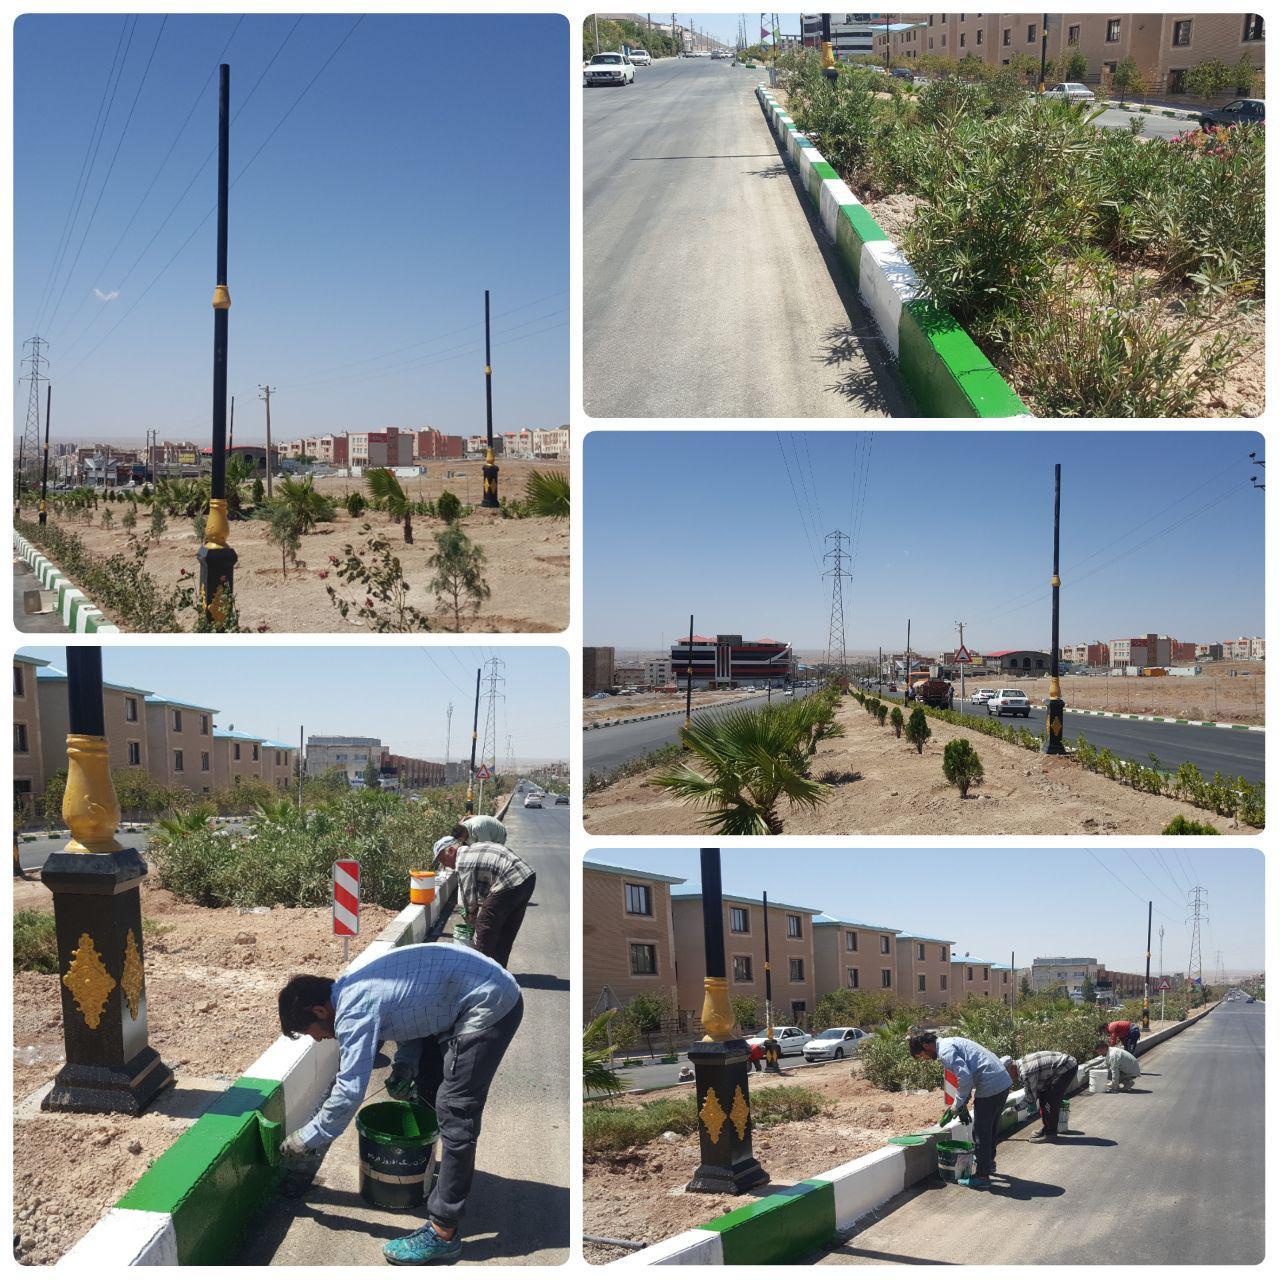 بلوار امام خمینی (ره) شهر پرند؛ روشن و نونوار می شود